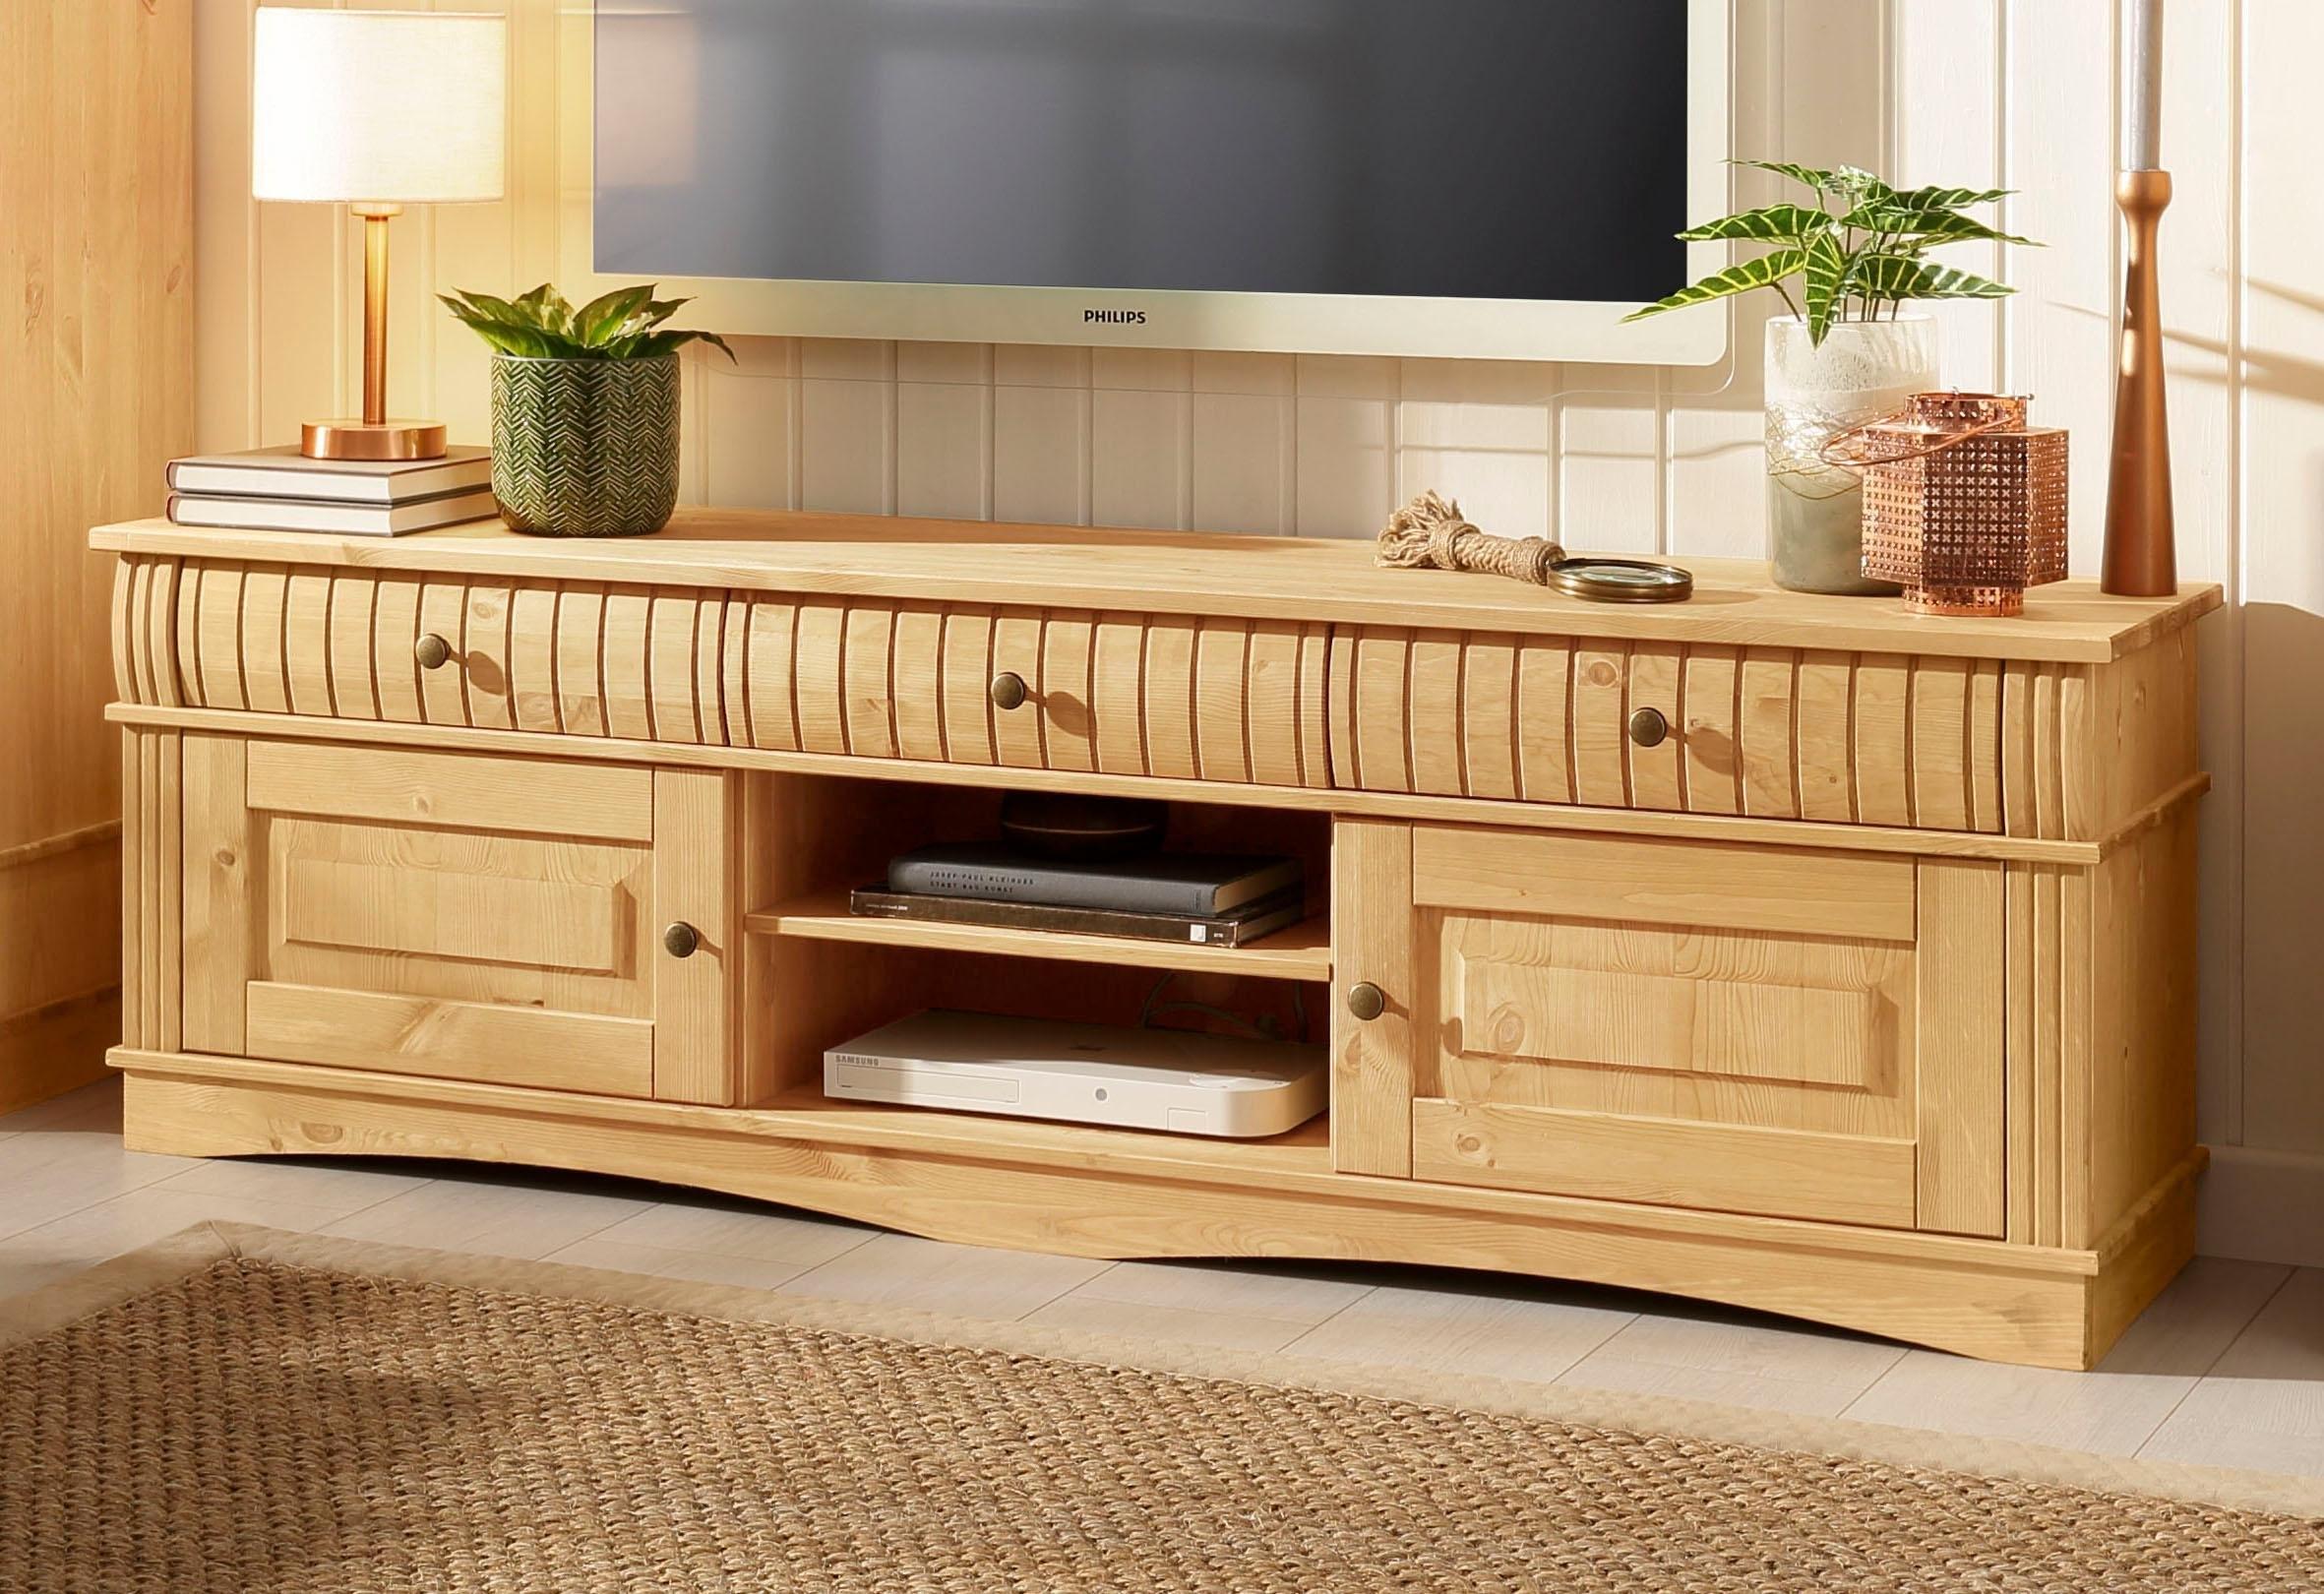 Home affaire TV-meubel »Teresa«, breedte 160 cm goedkoop op otto.nl kopen